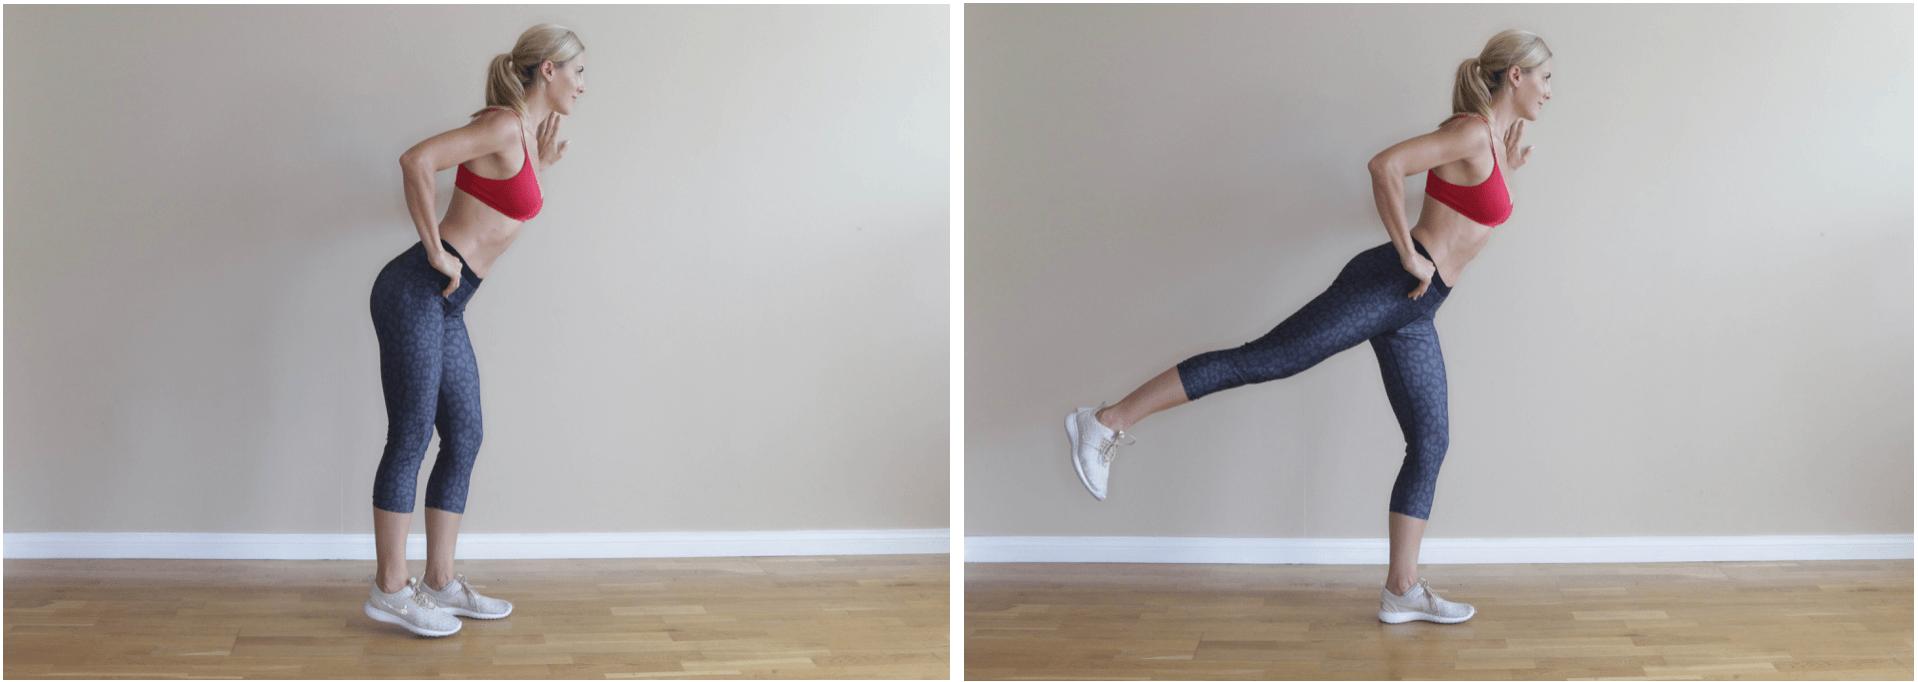 45 Degree Angle Standing Back Kicks